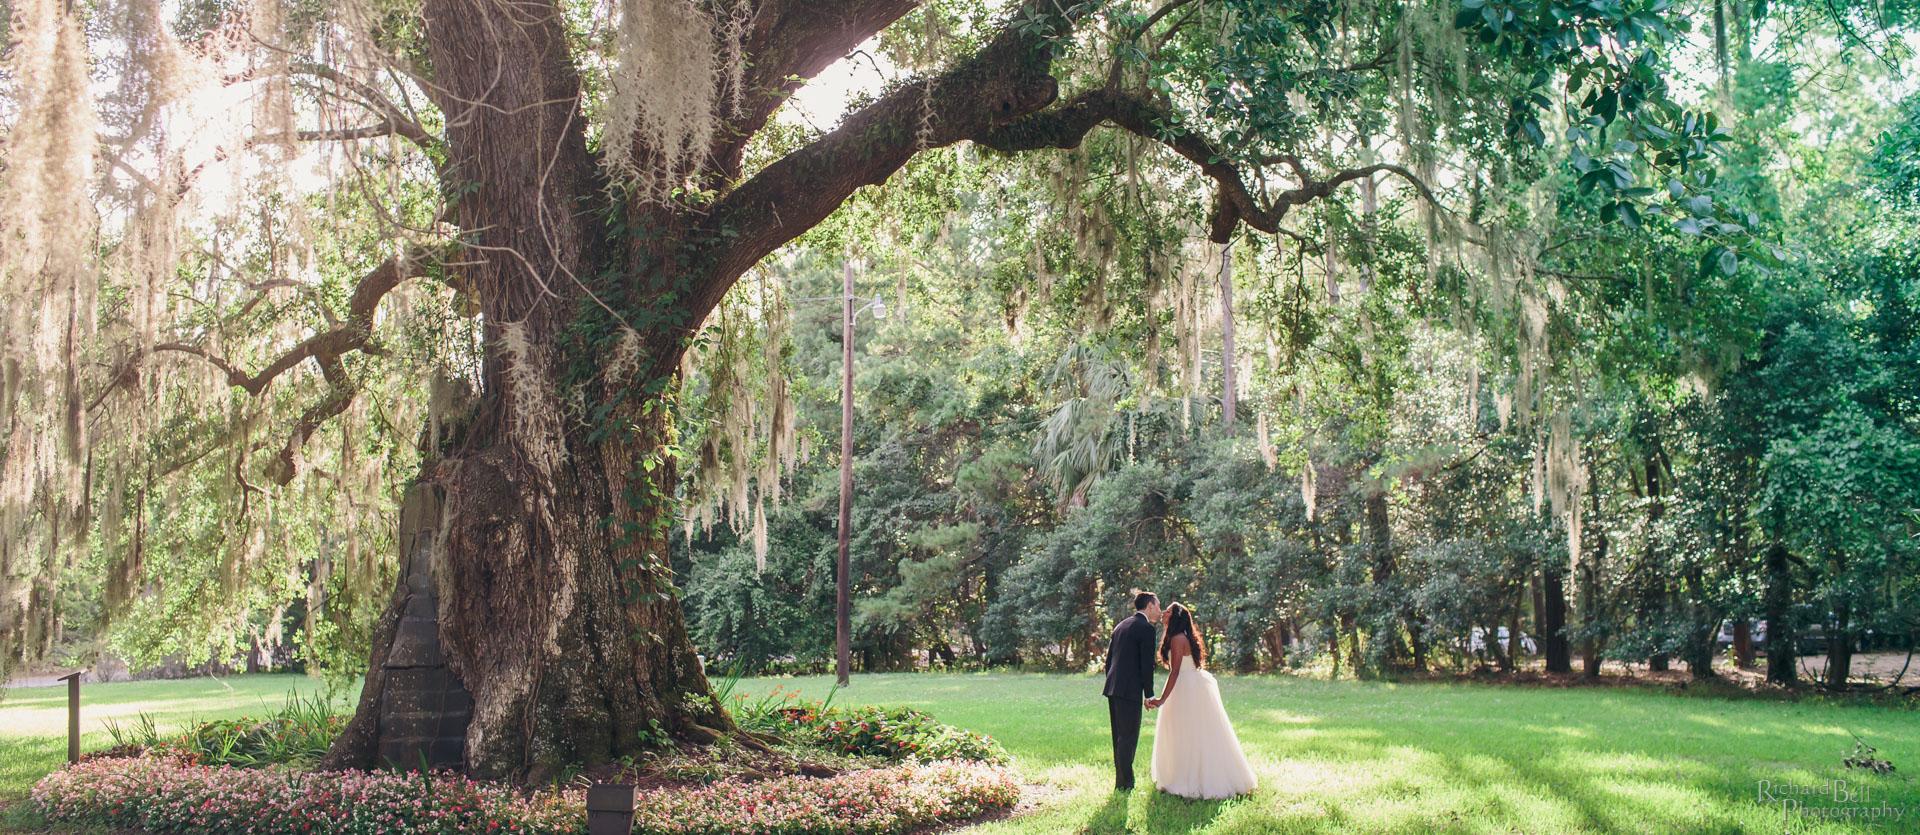 Serena and Matt under tree